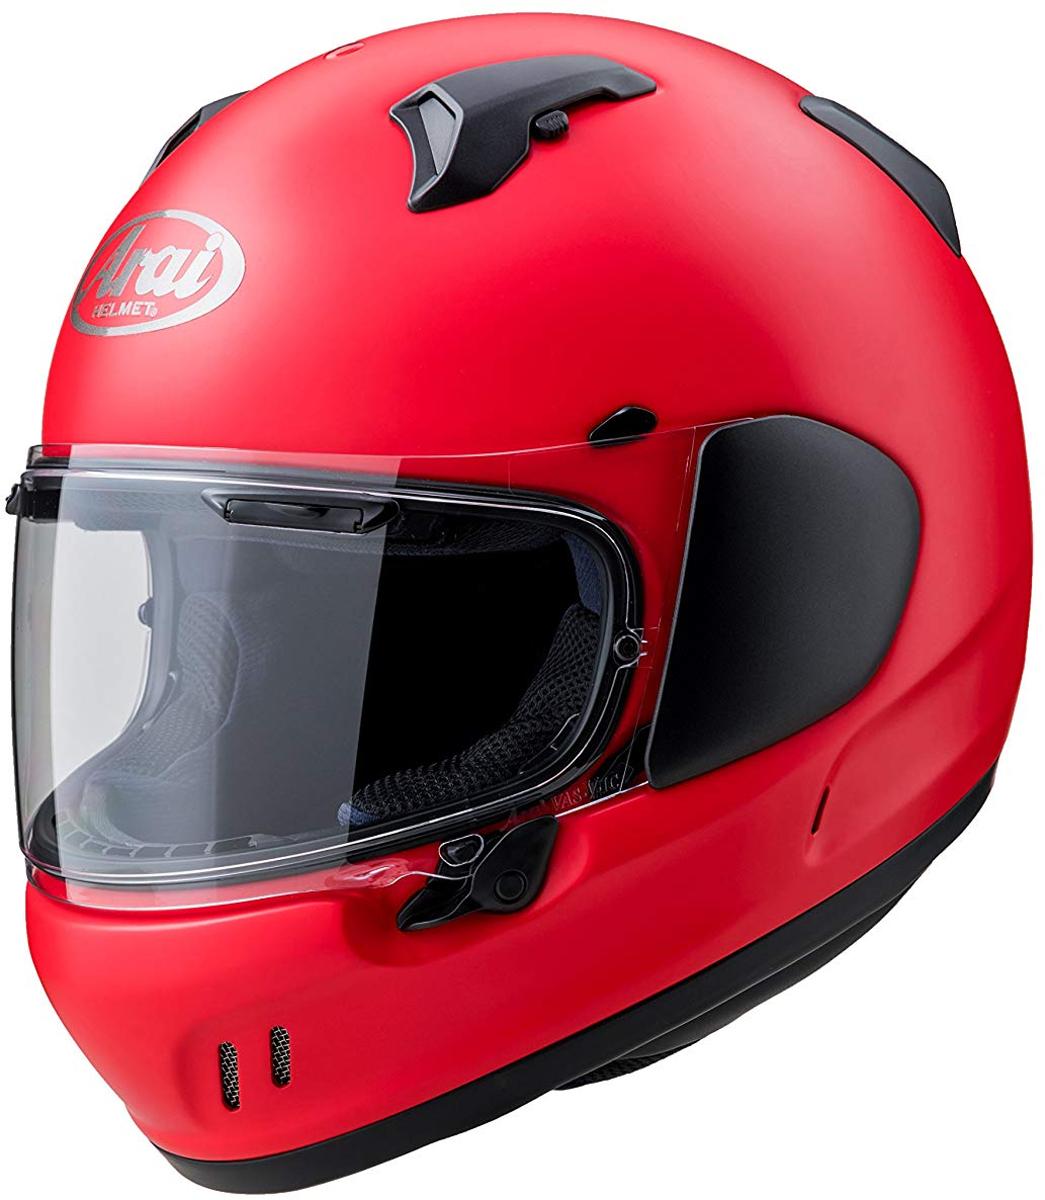 ARAI フルフェイスヘルメット XD フラットレッド/ブラック Sサイズ 55-56cm